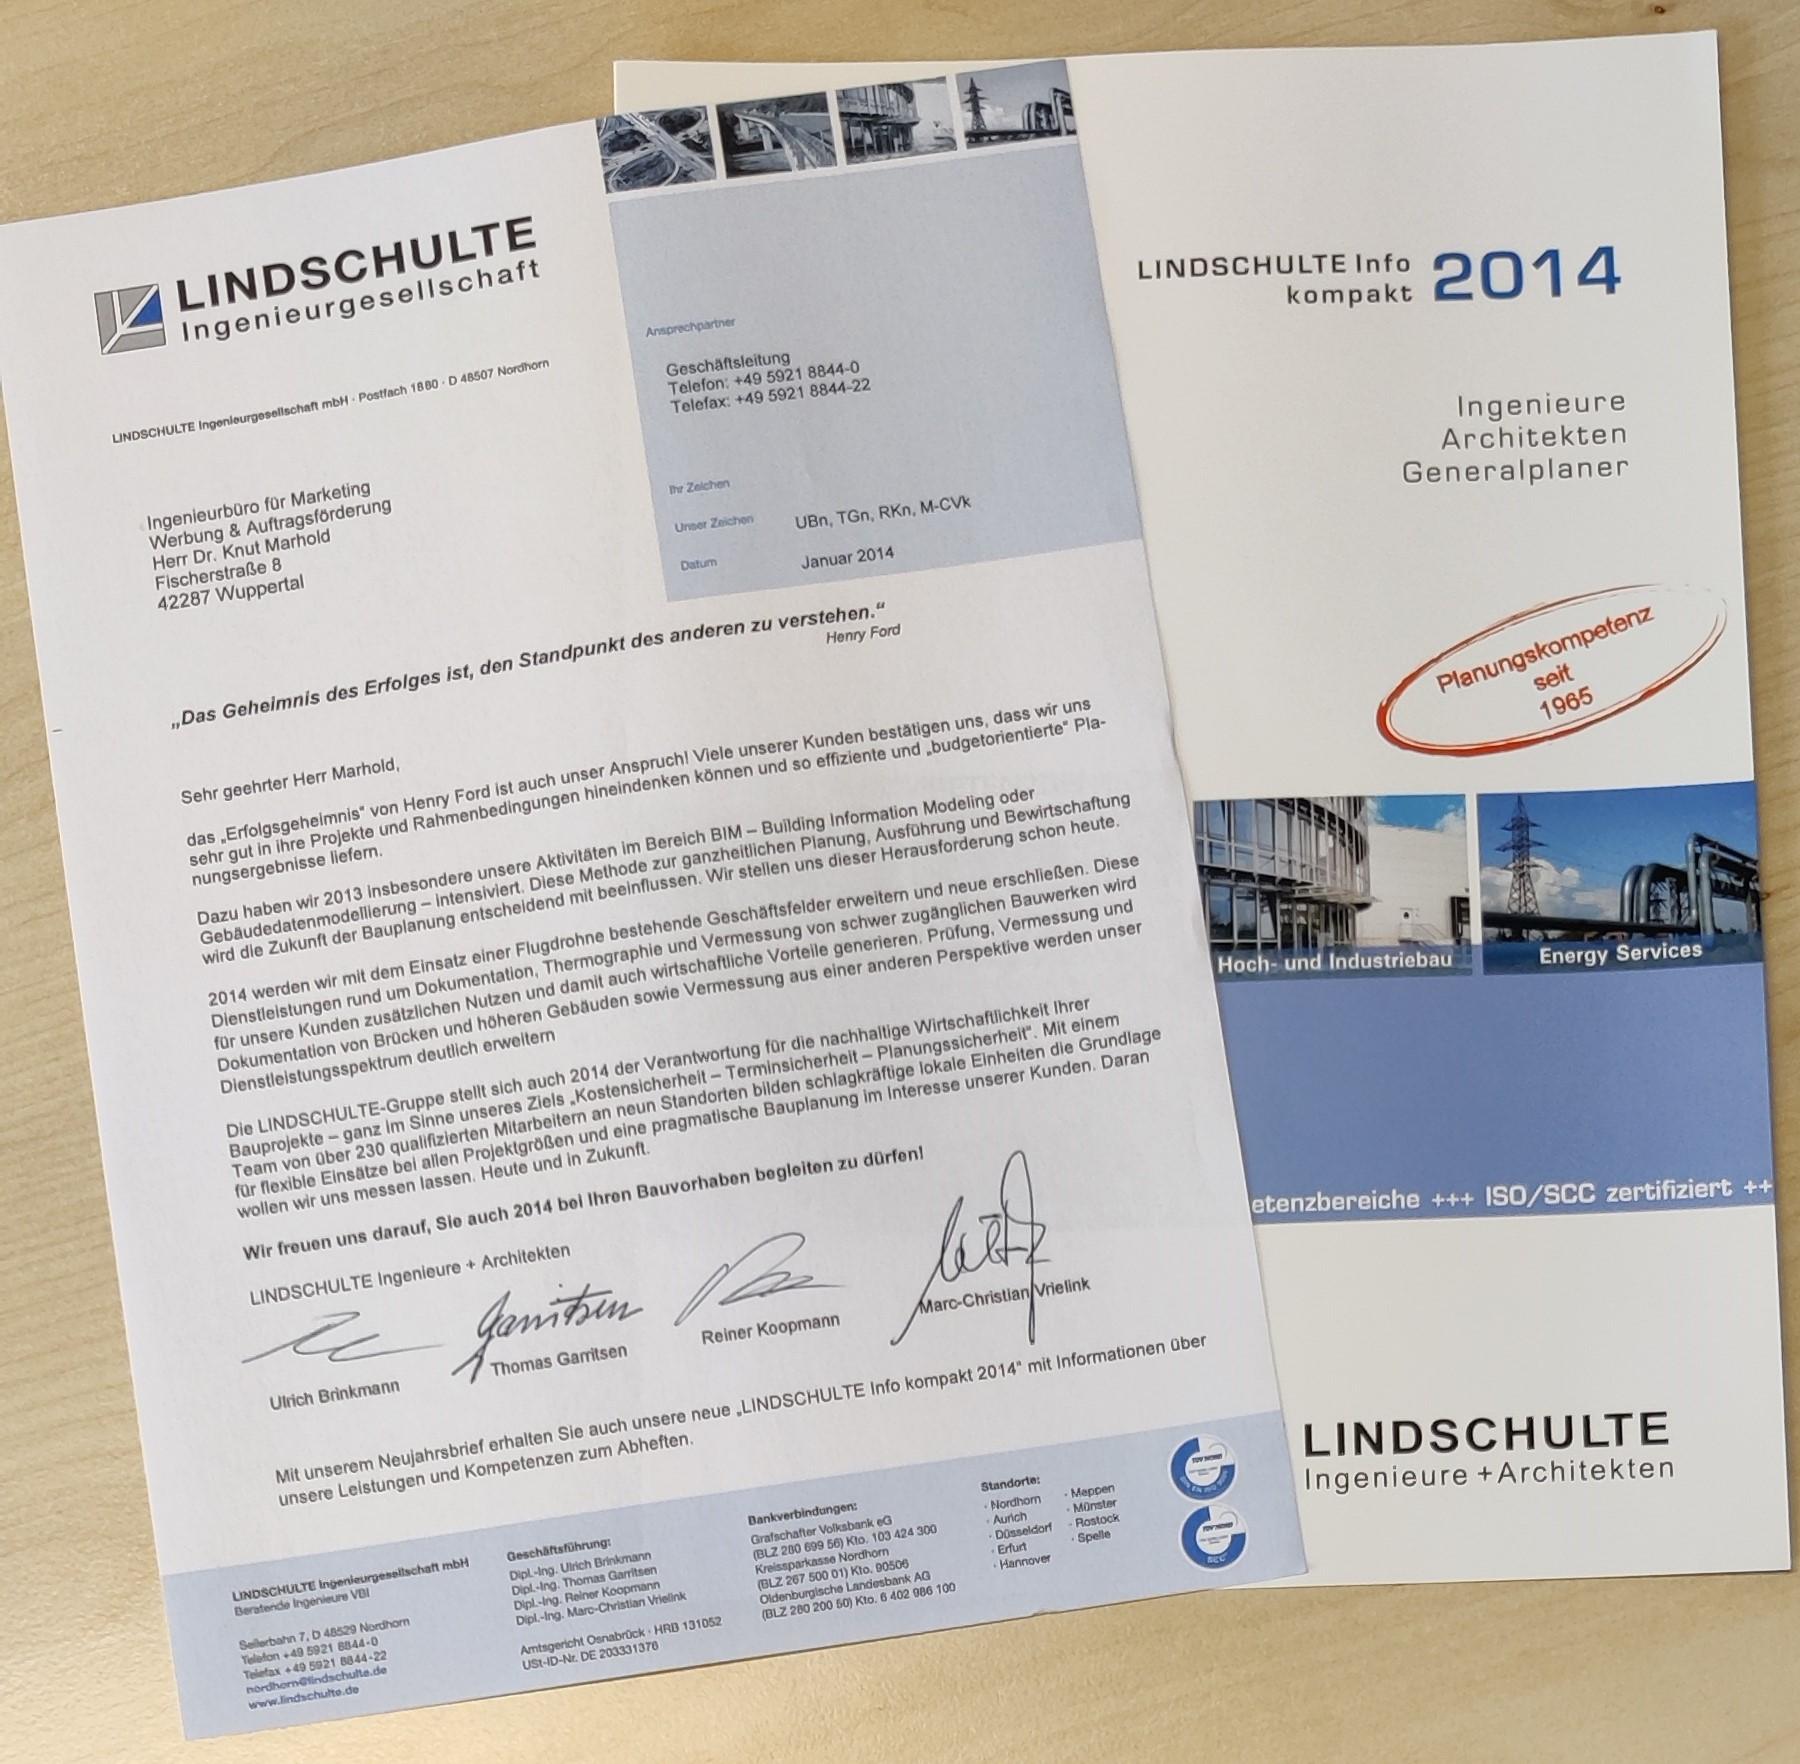 Neujahrsbrief LINDSCHULTE Ingenieure Architekten Generalplaner - mit kompakt-Flyer (Idee/Text/Layout: marketingINGenieur)